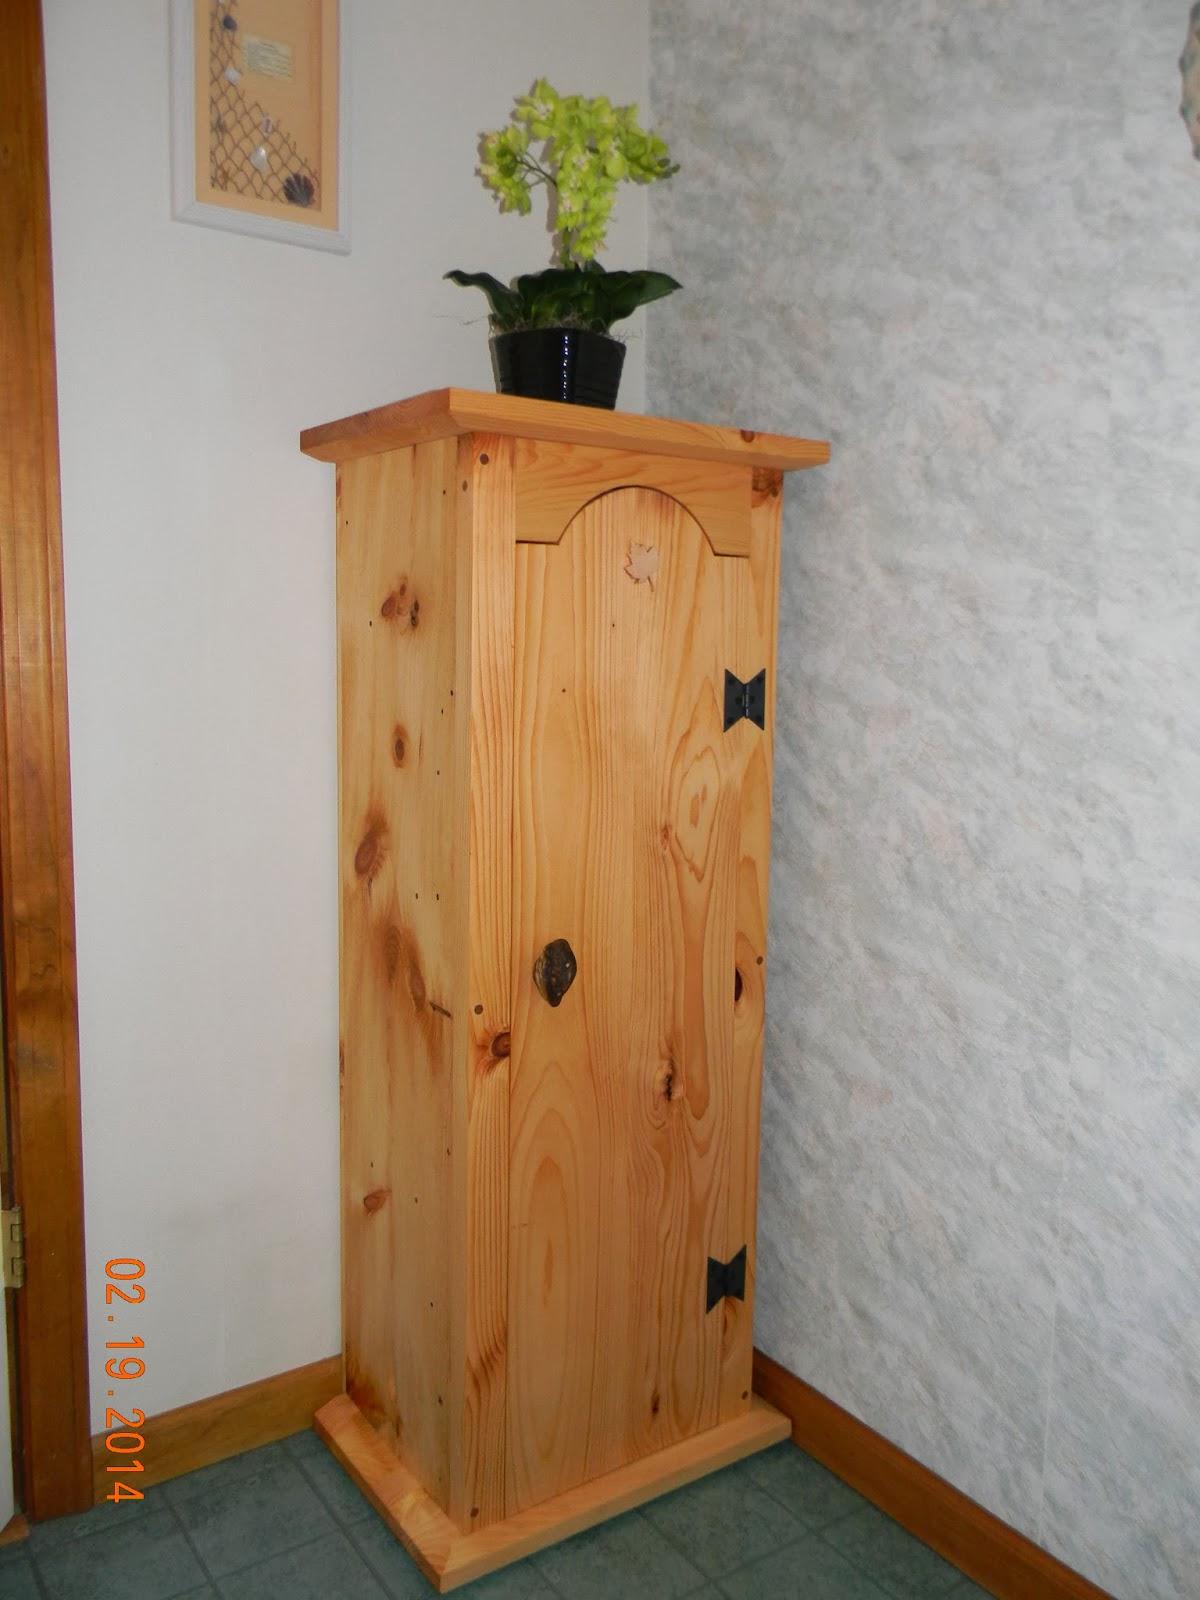 oakenheart woodcraft pine bathroom cabinet